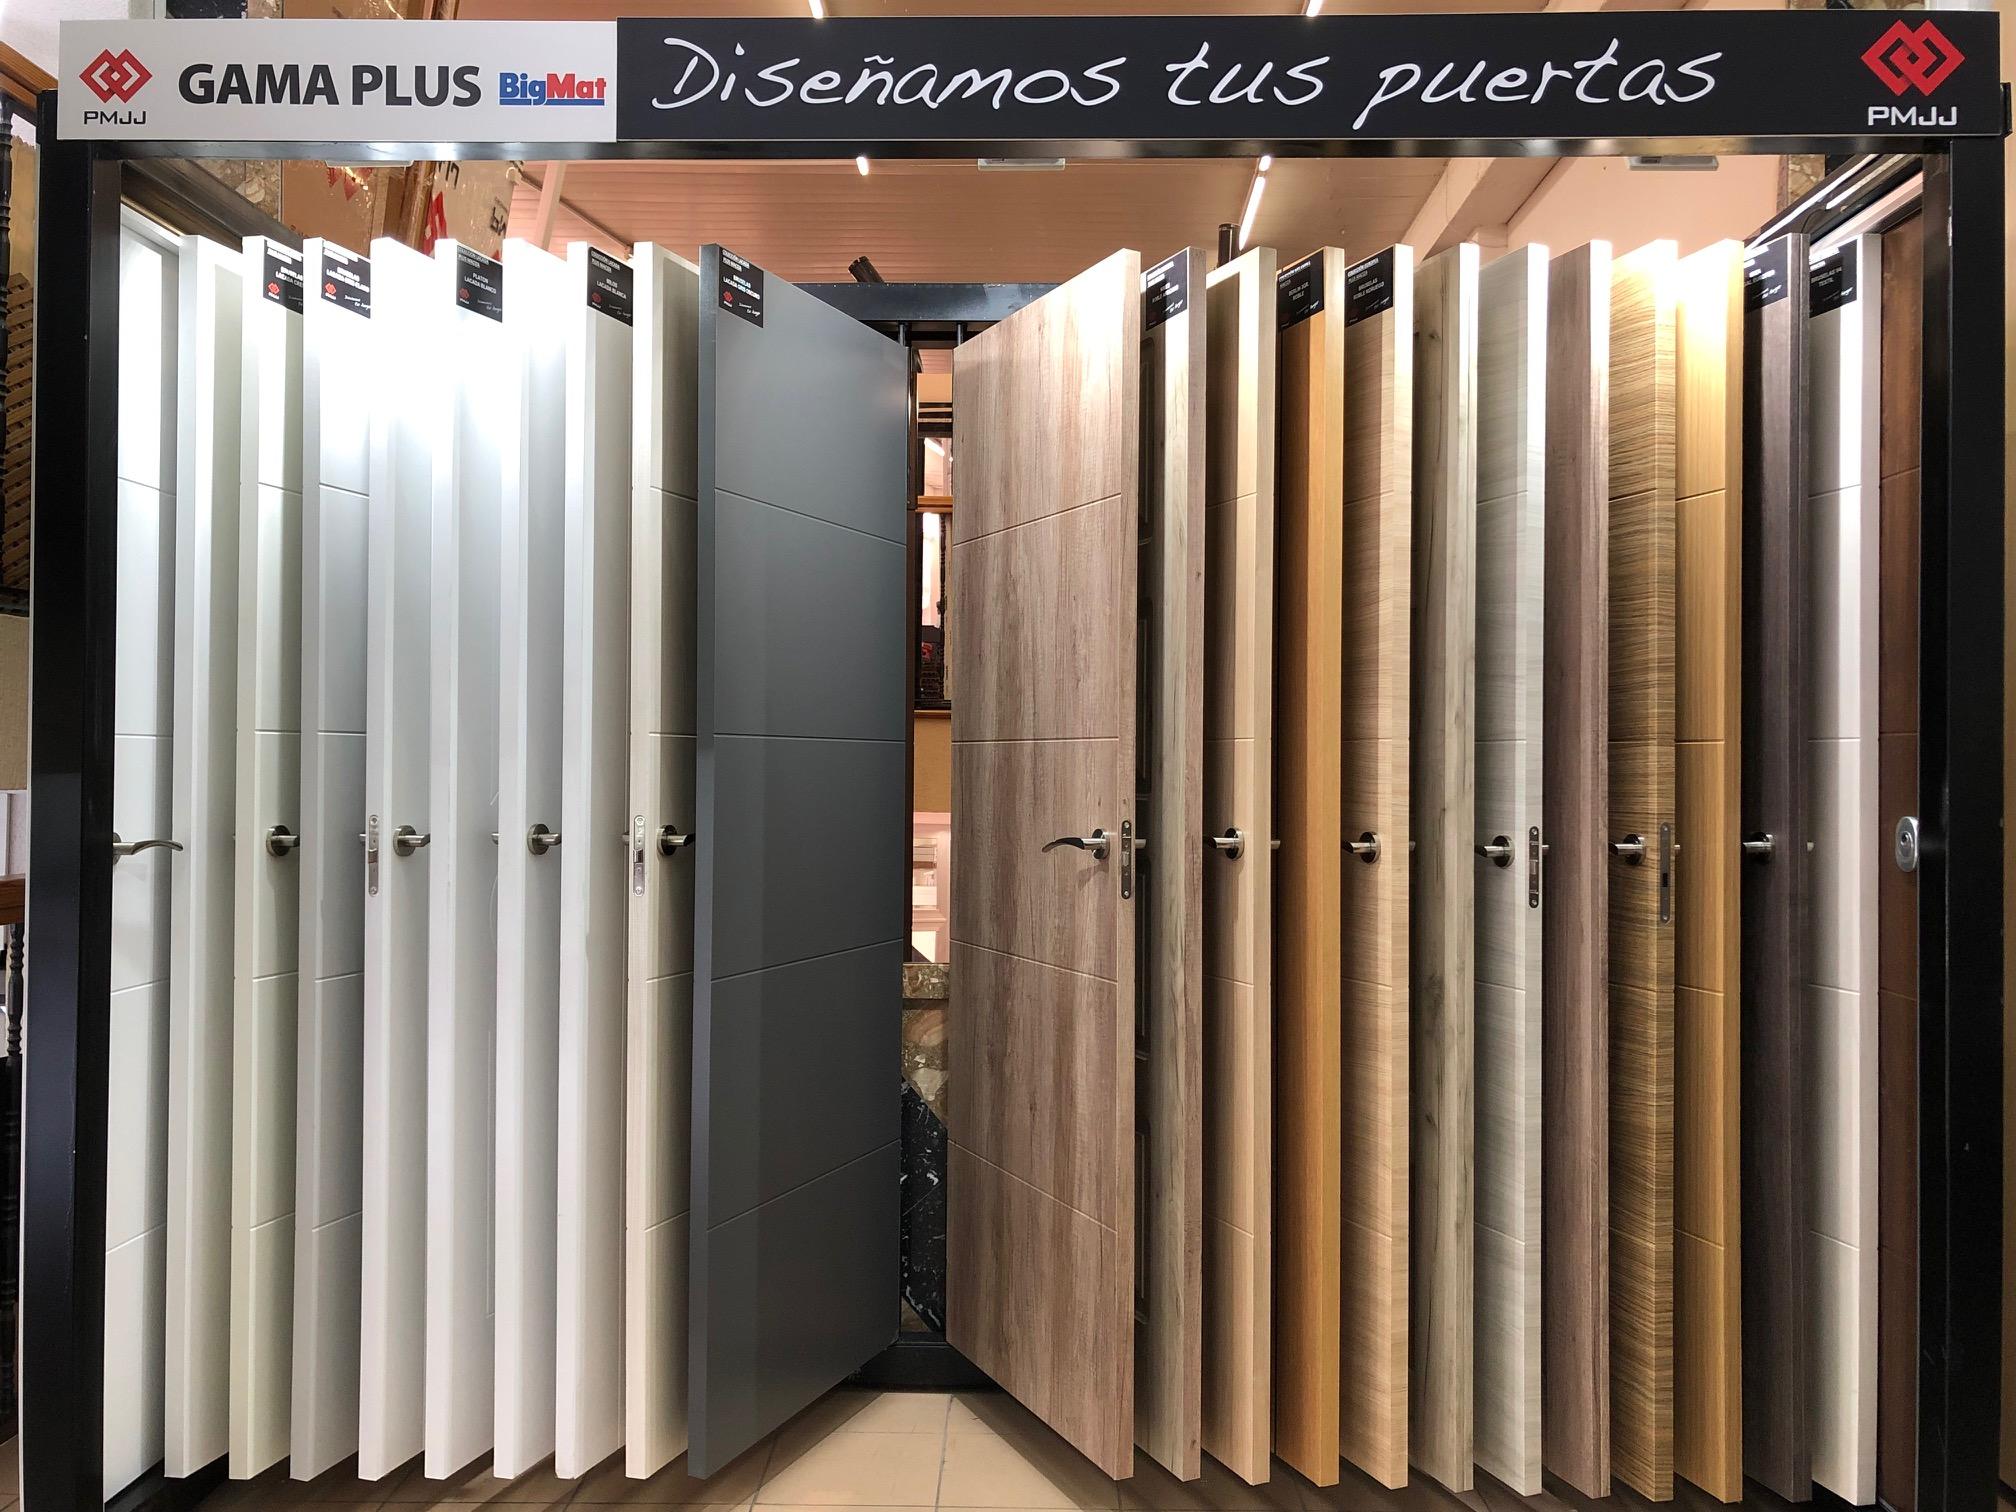 Exposición puertas paso y entrada - BigMat Aliazul